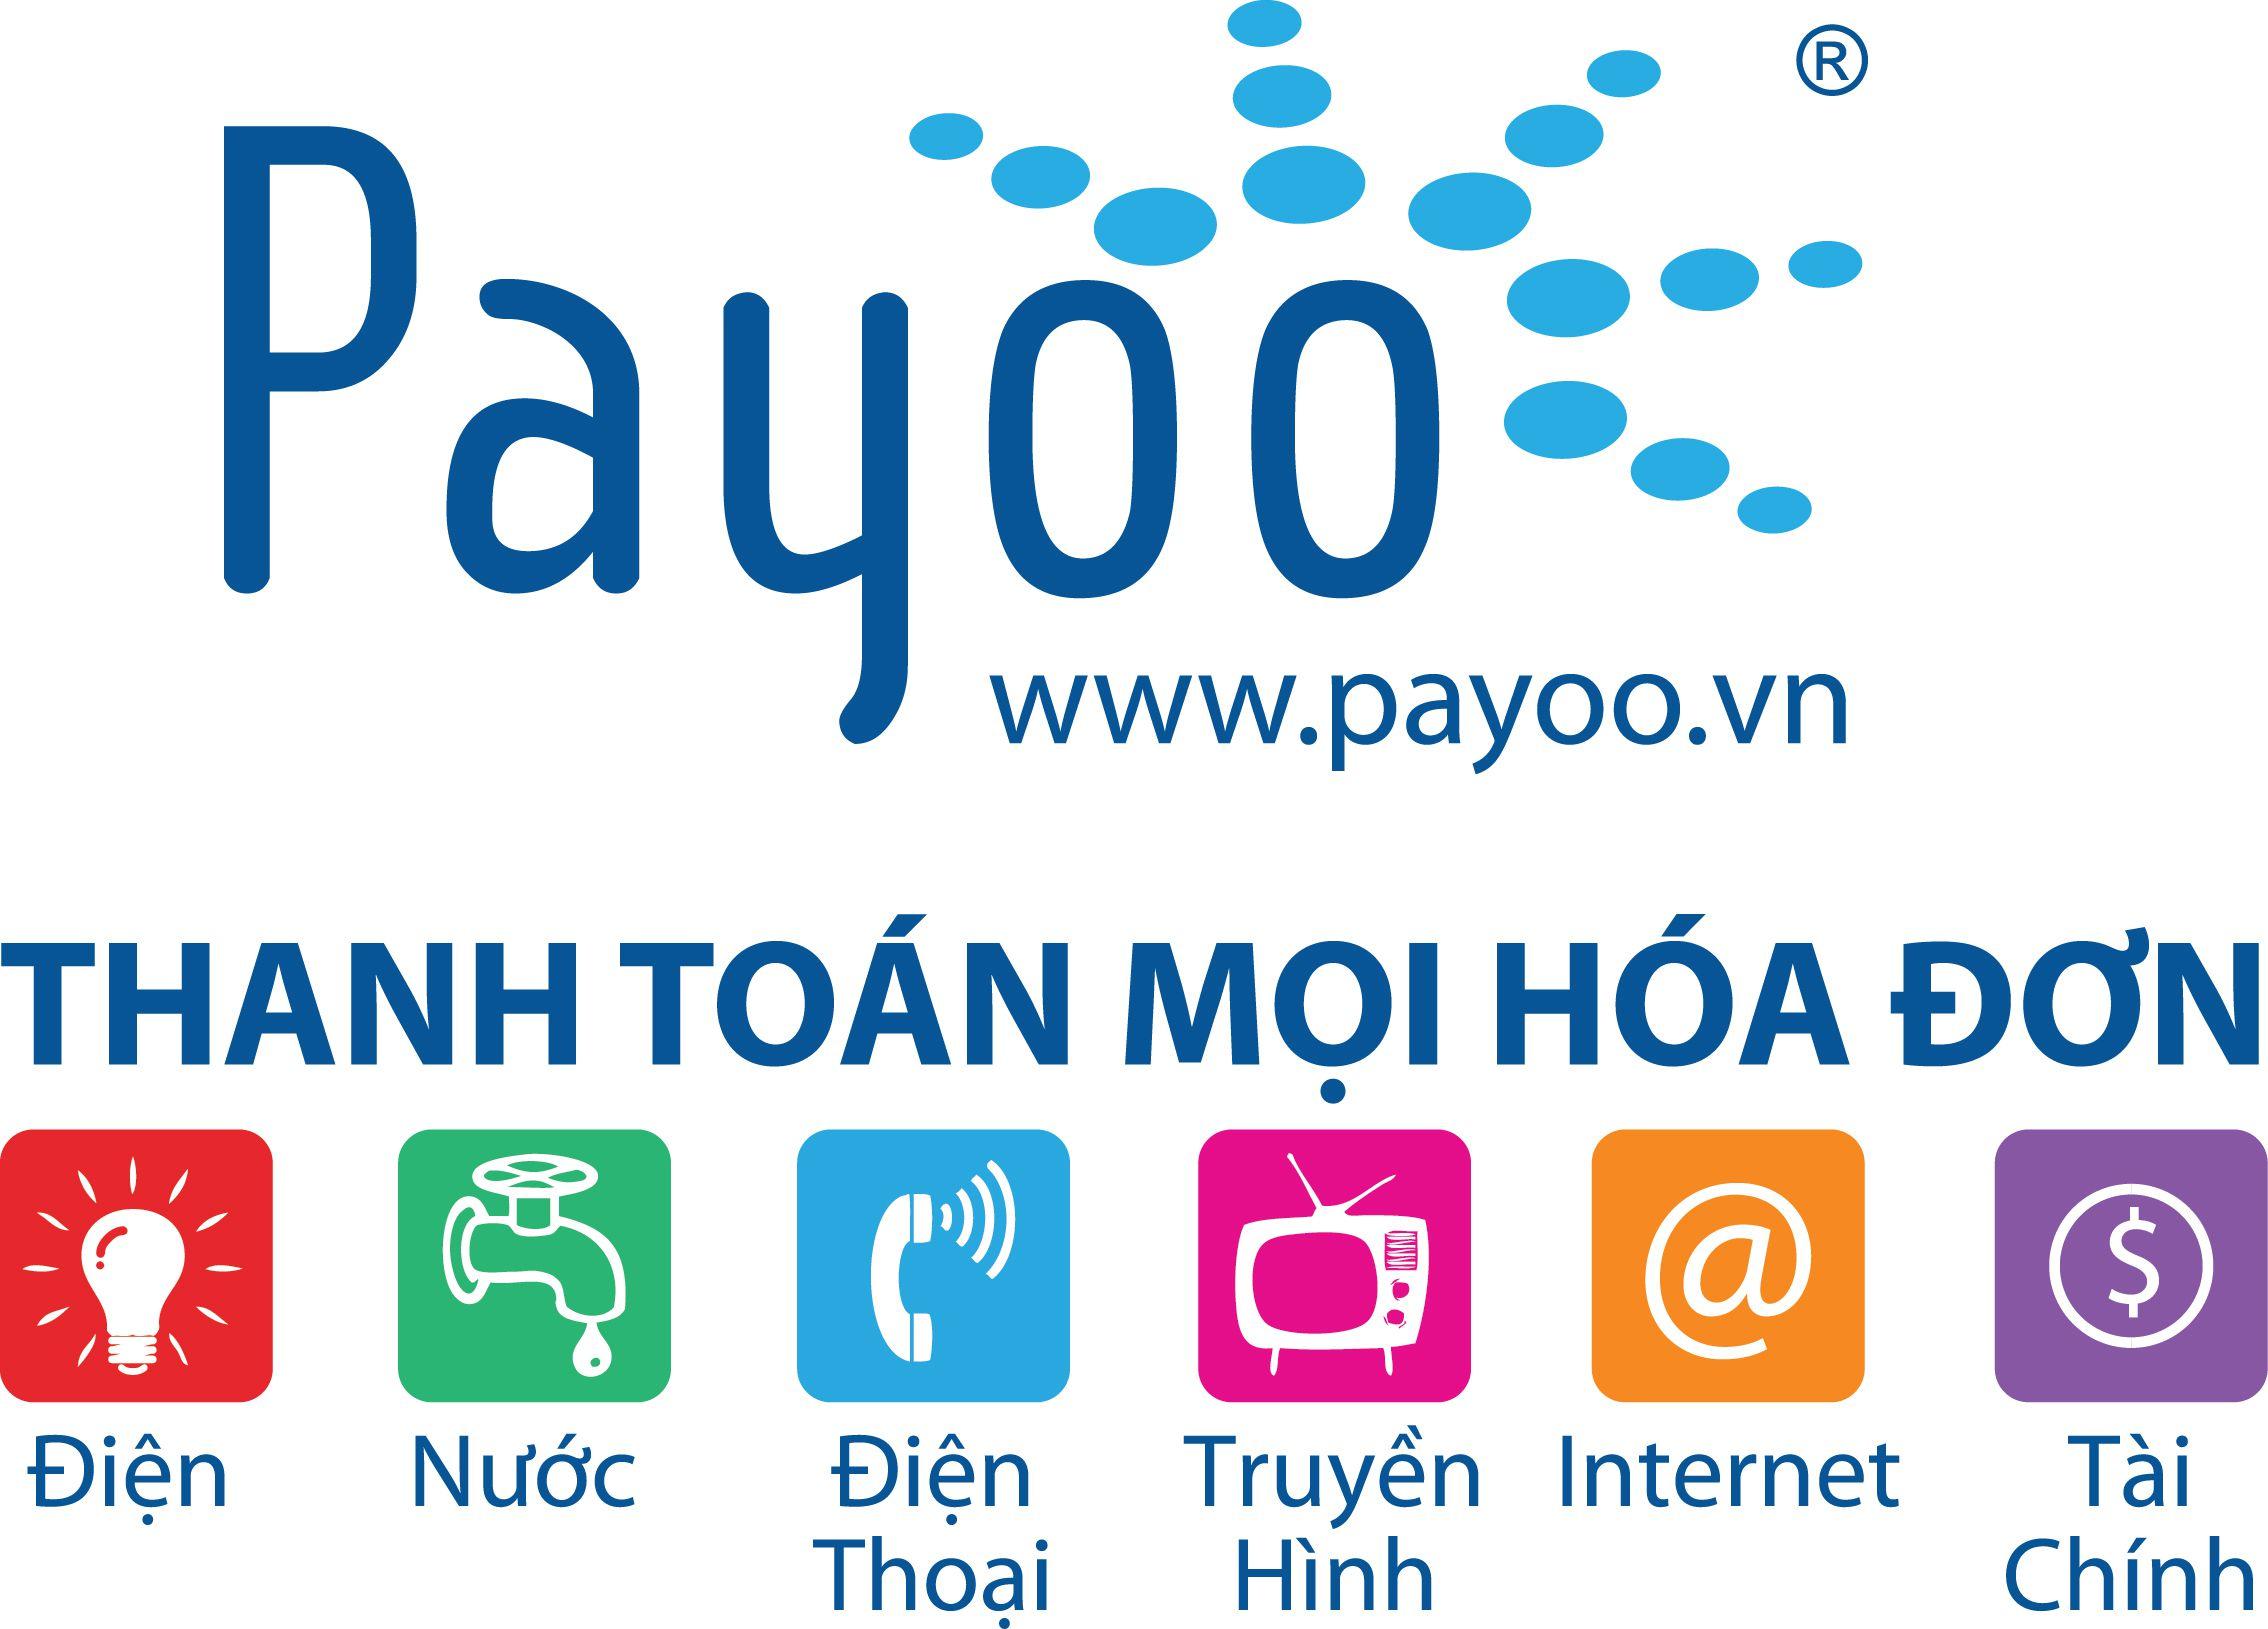 Tổng hợp những ứng dụng thanh toán tiền nước online trên điện thoại (3)